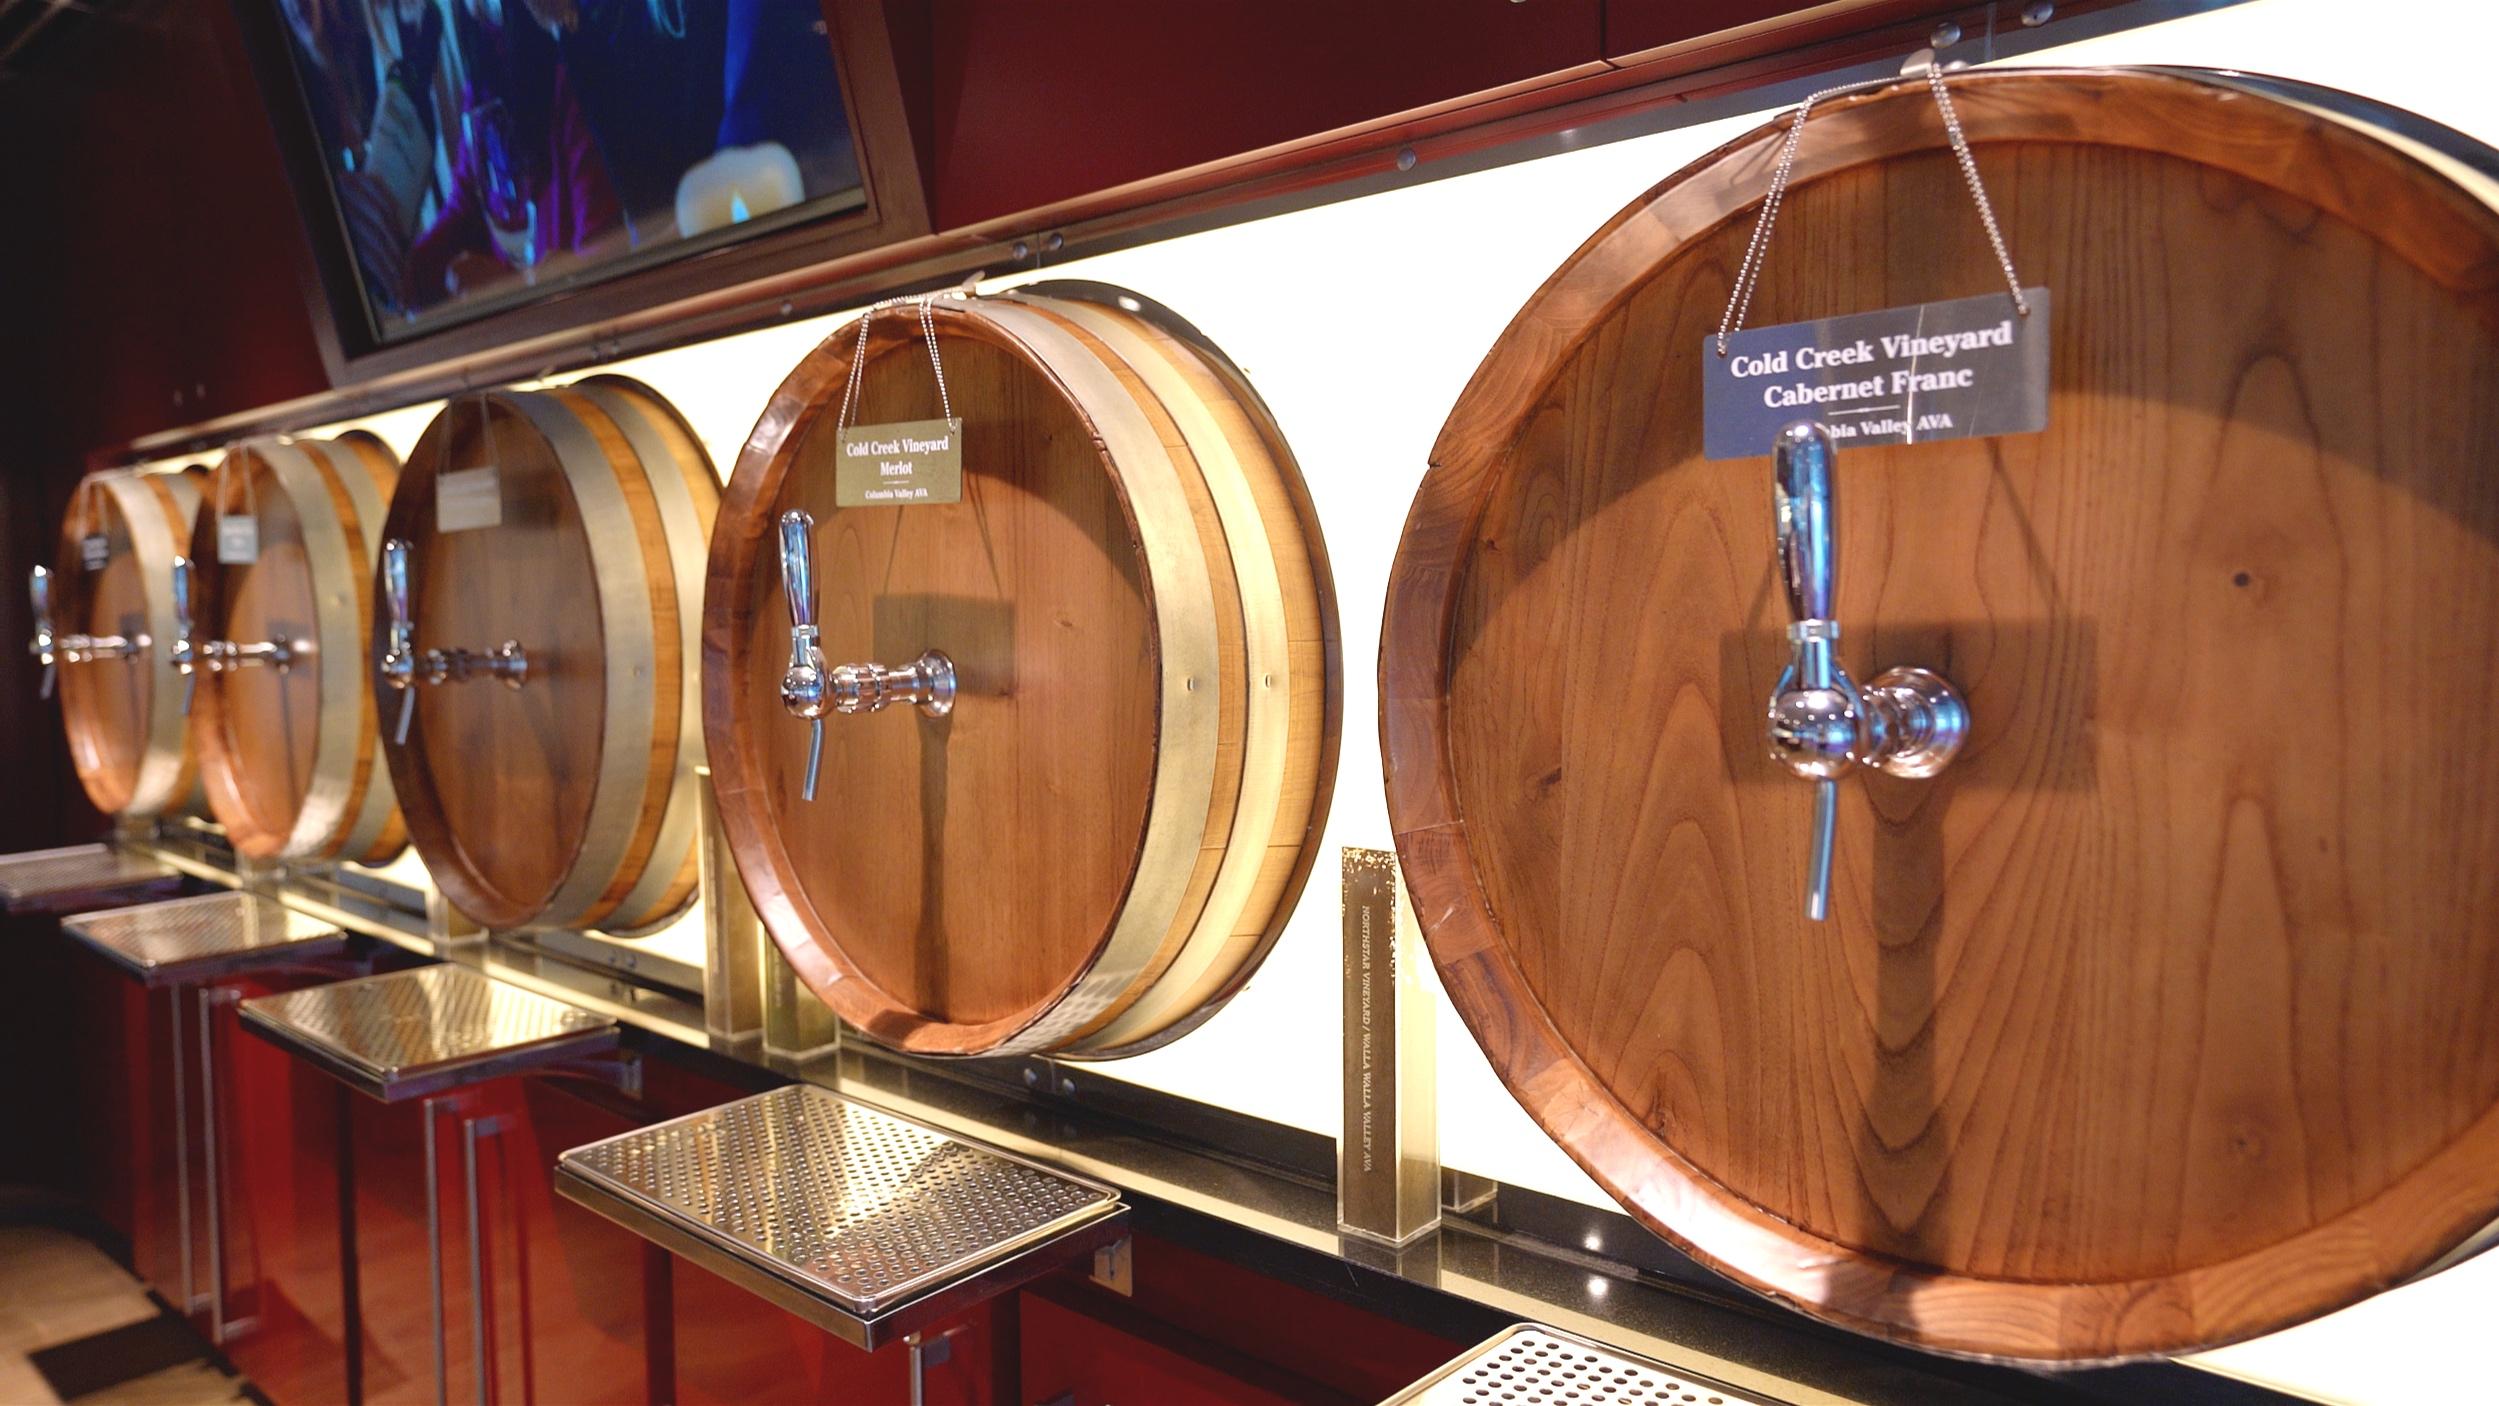 The blending barrels